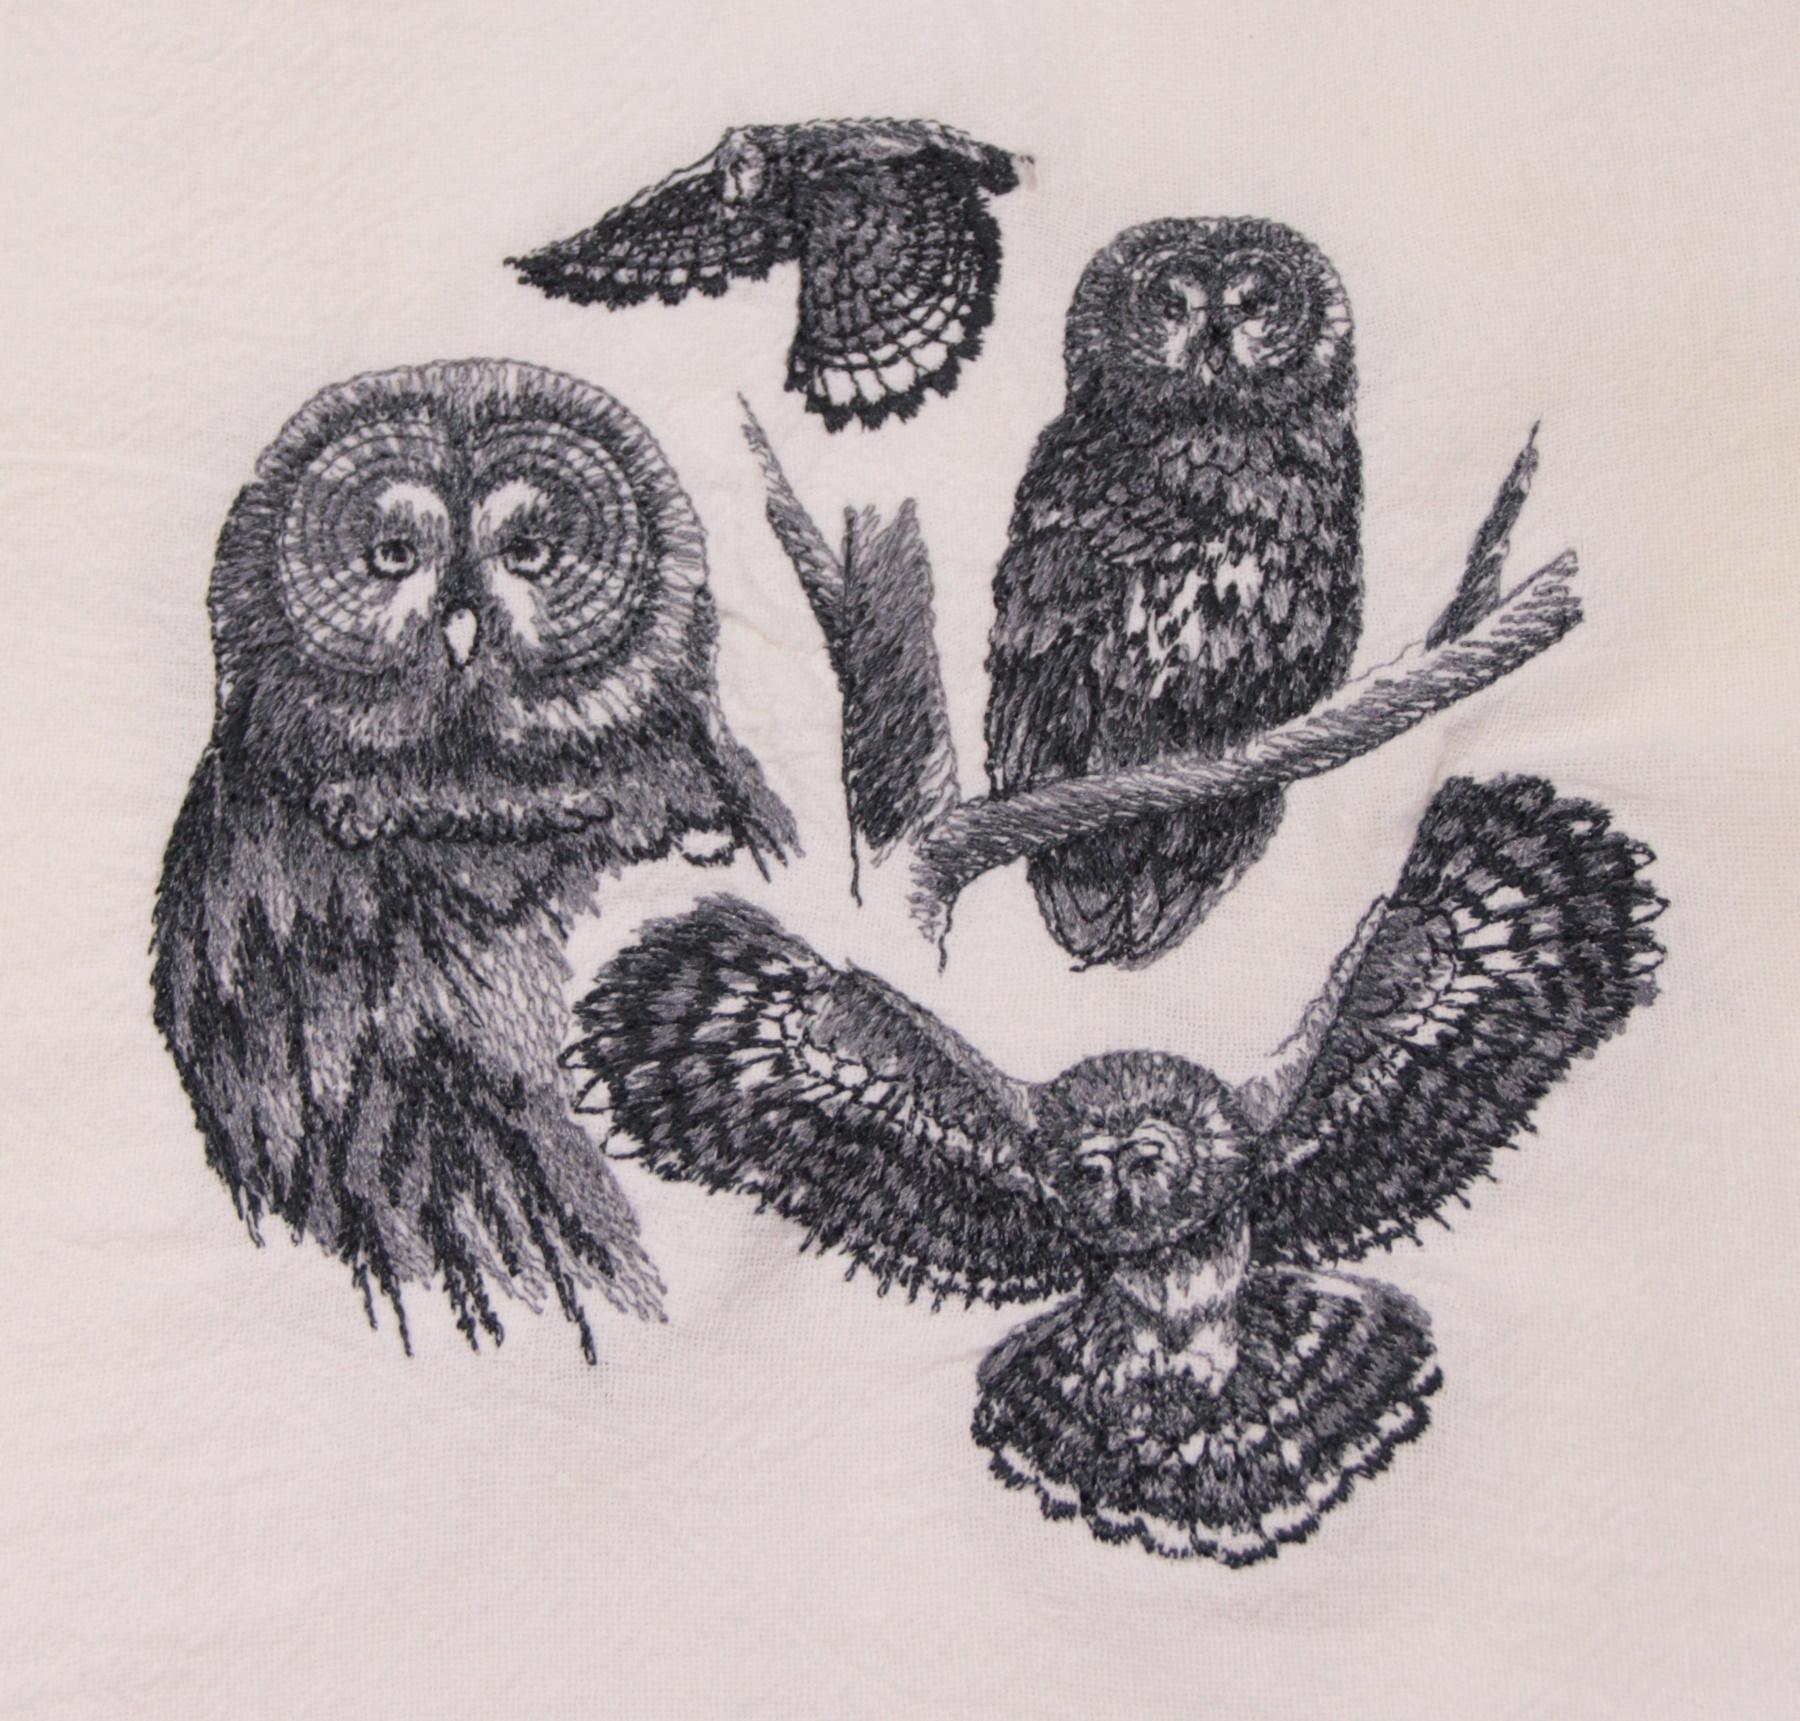 Owl Sketch Flour sack towel